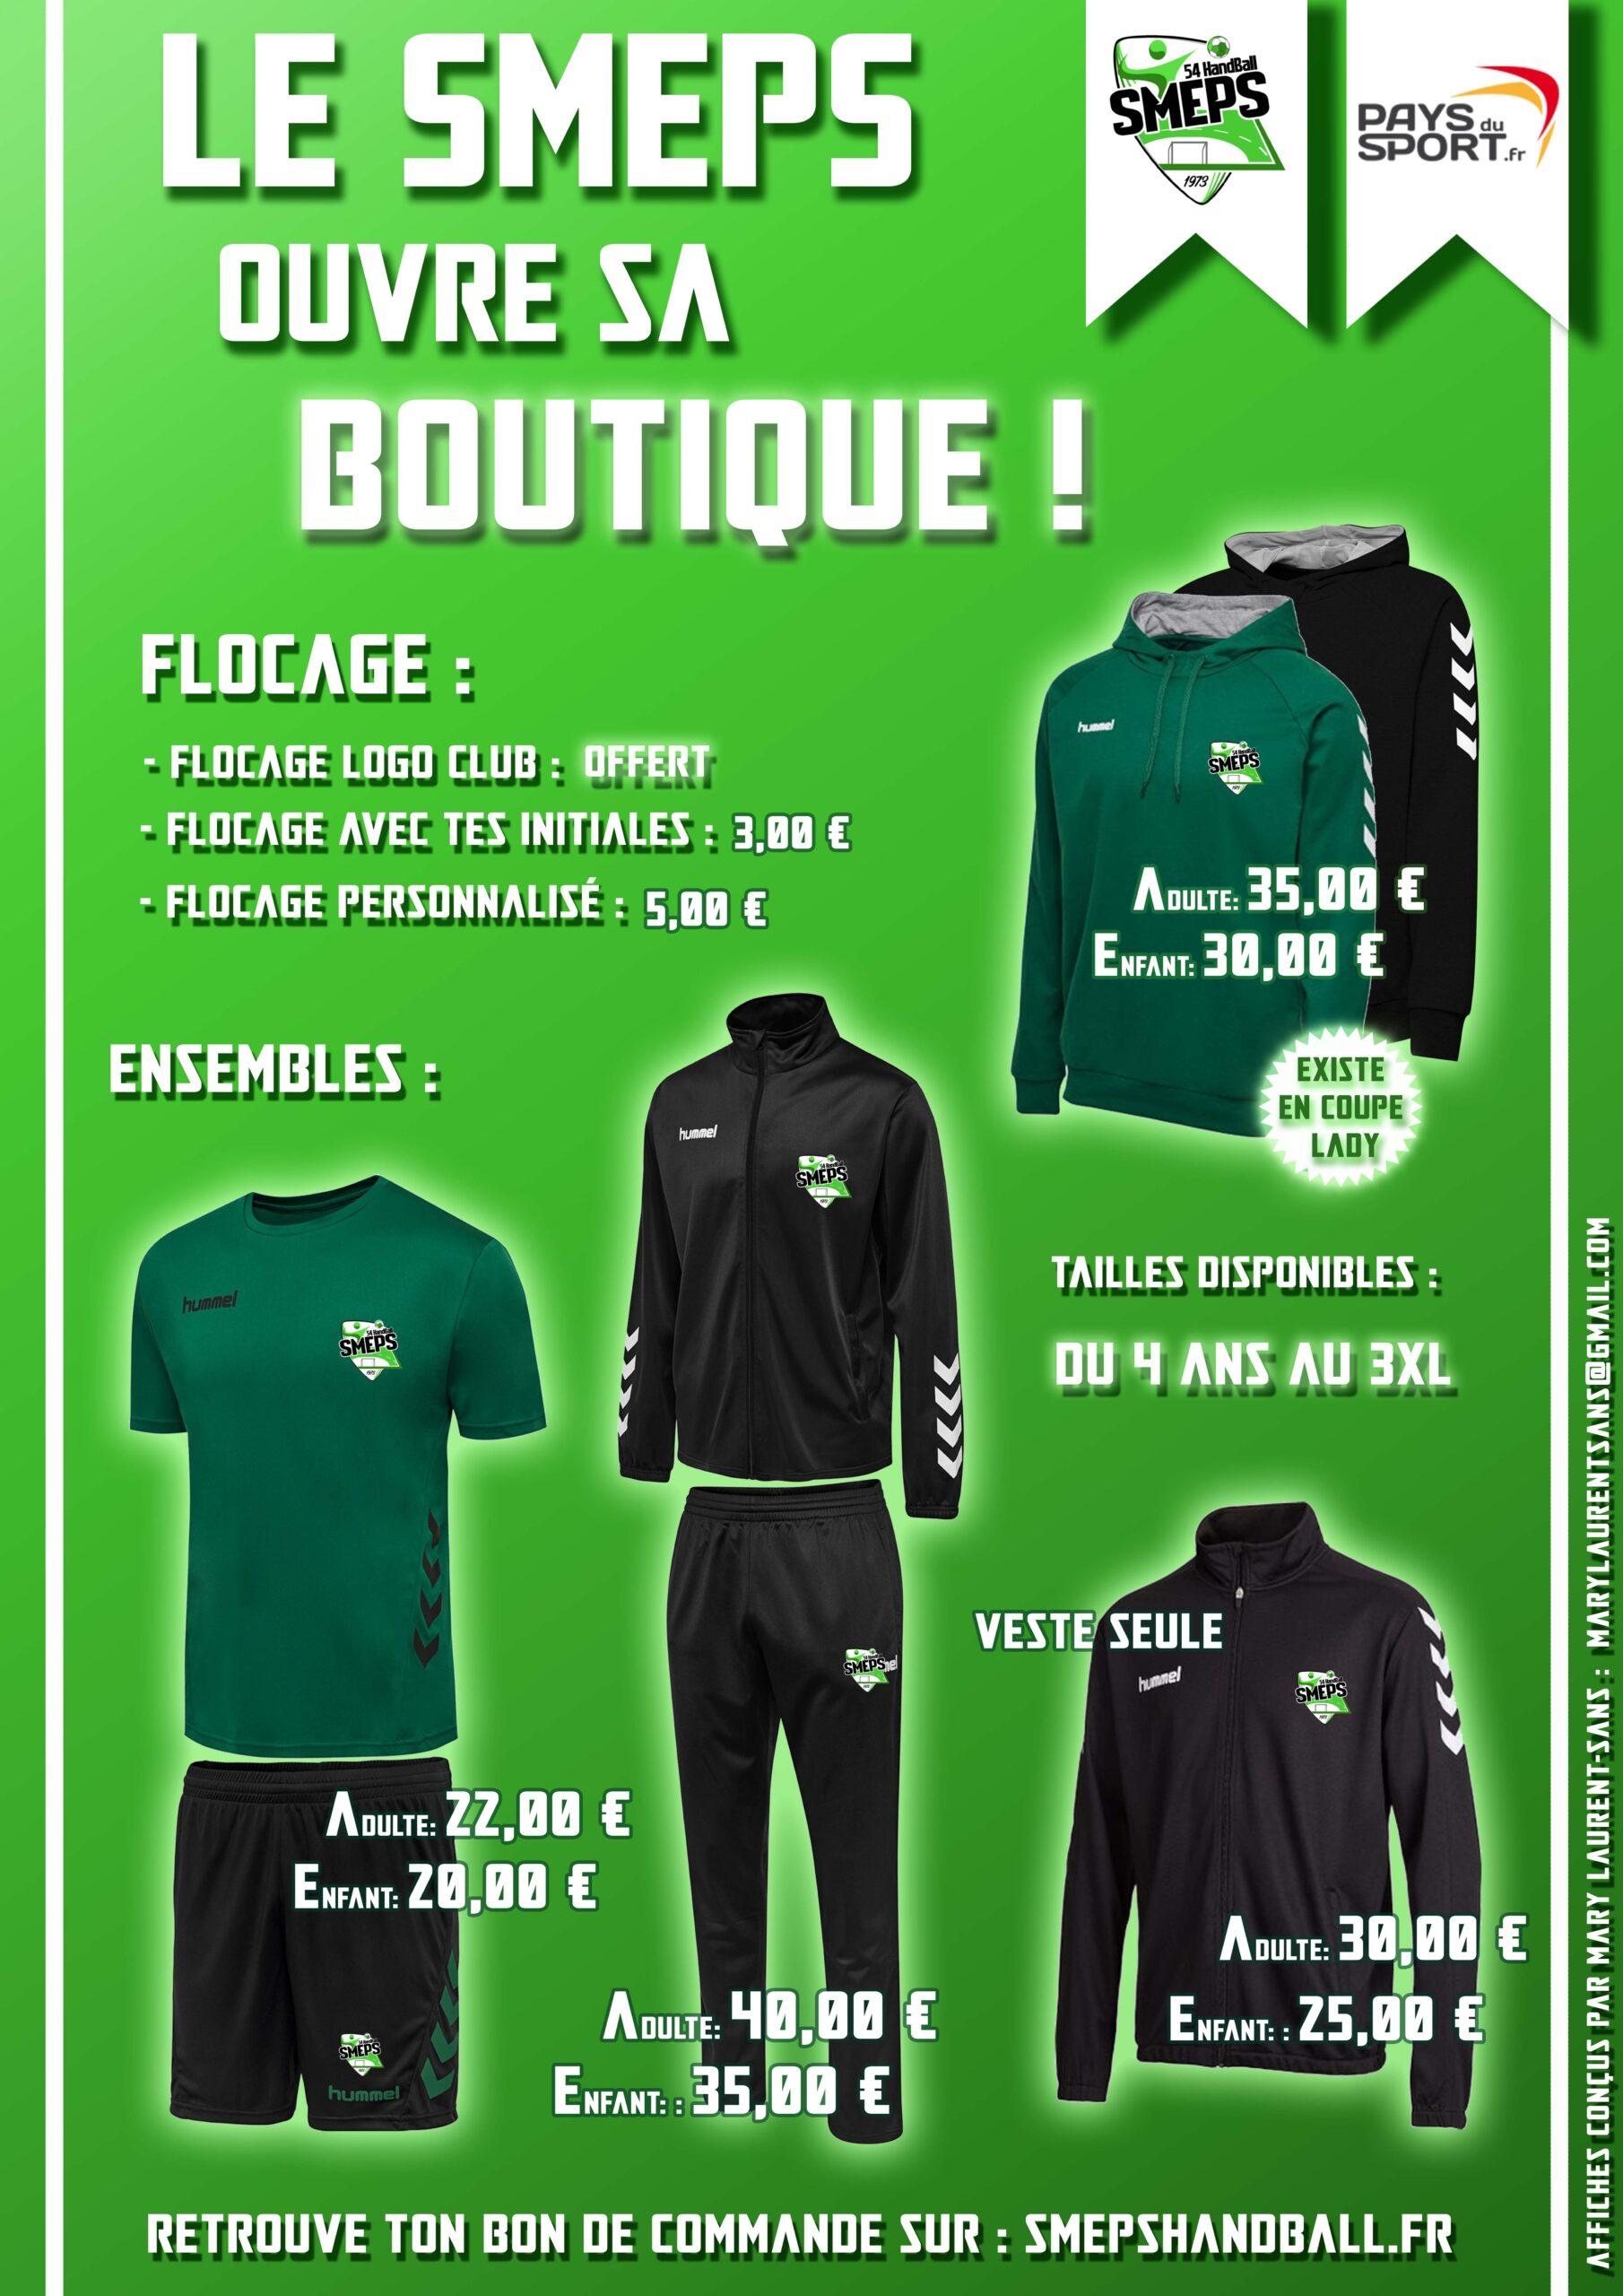 Articles de la boutique du SMEPS Handball-Page 1